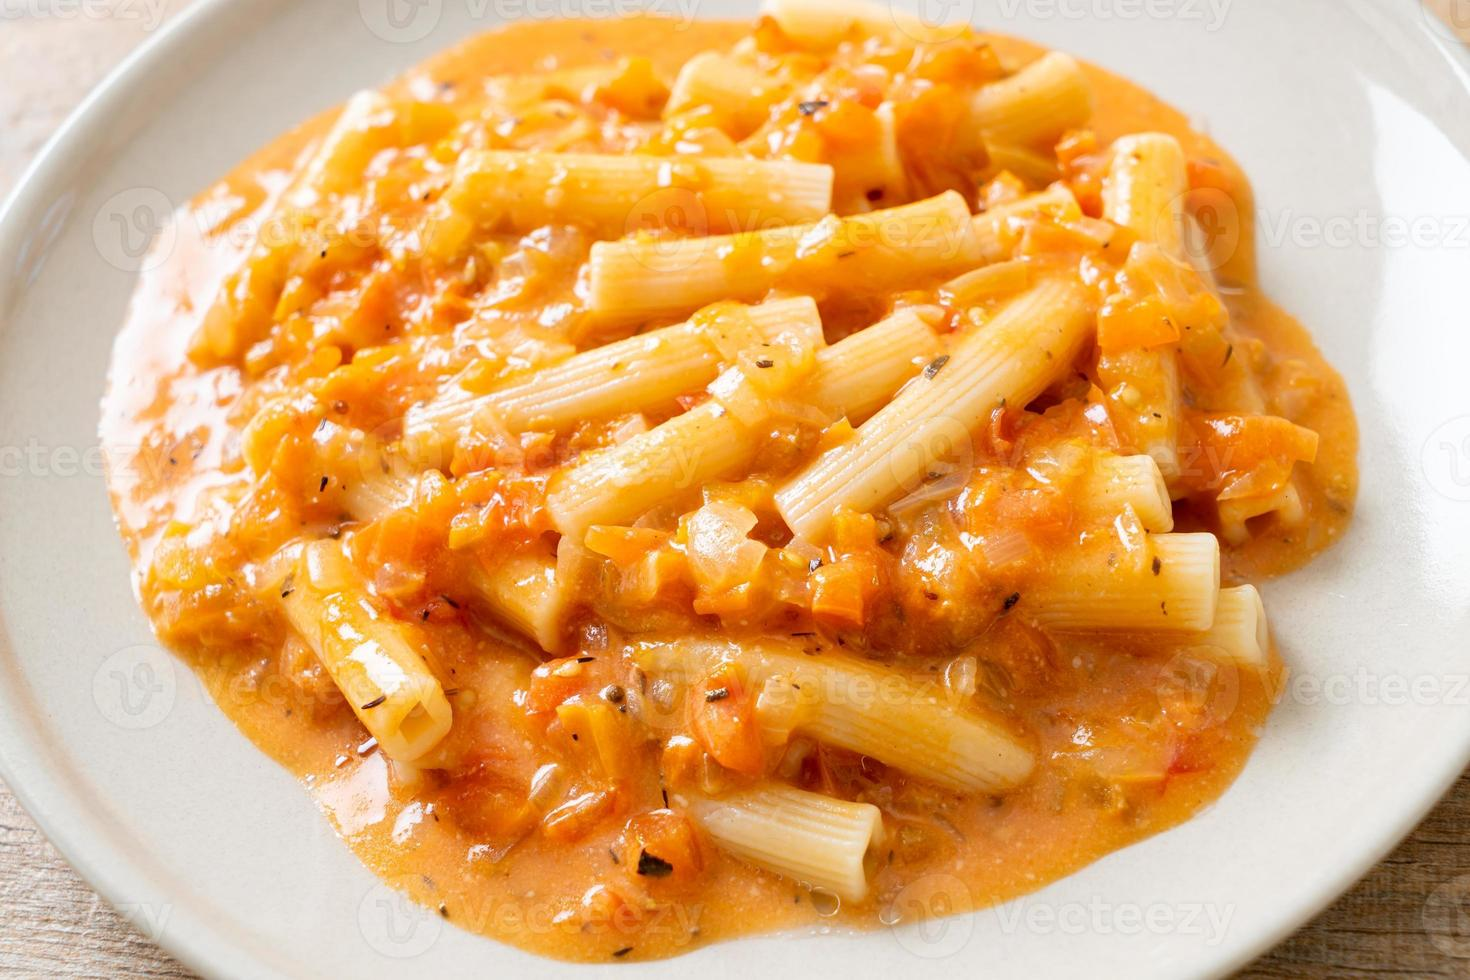 rigatoni penne pasta krämig tomat eller rosa sås foto